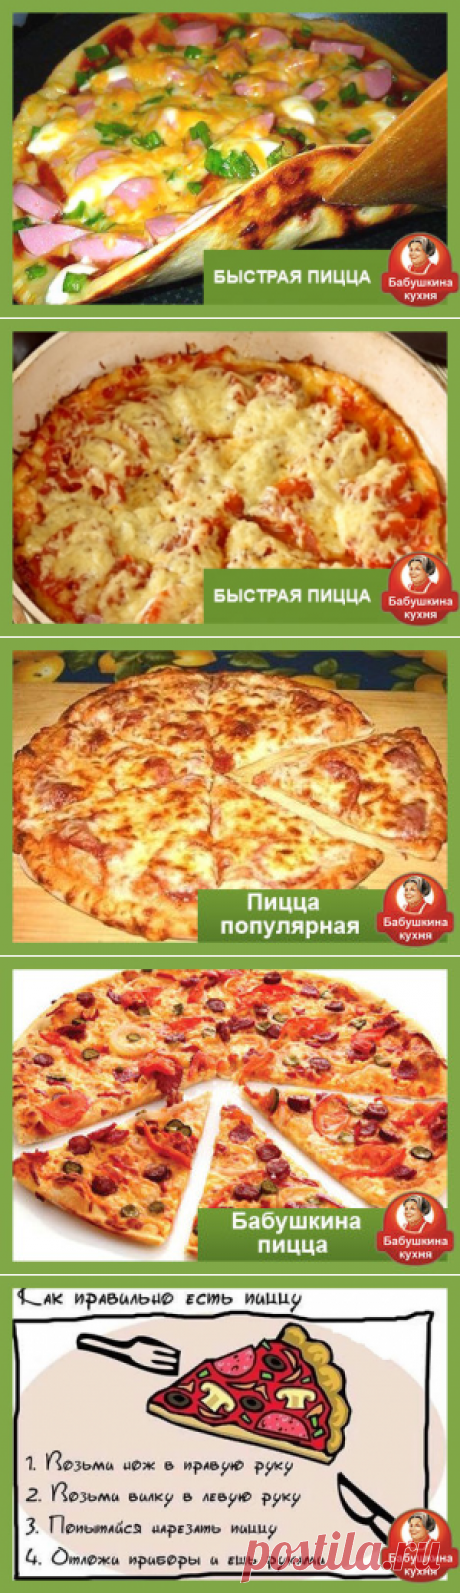 Пицца за 10 минут на сковороде, рецепт с фото